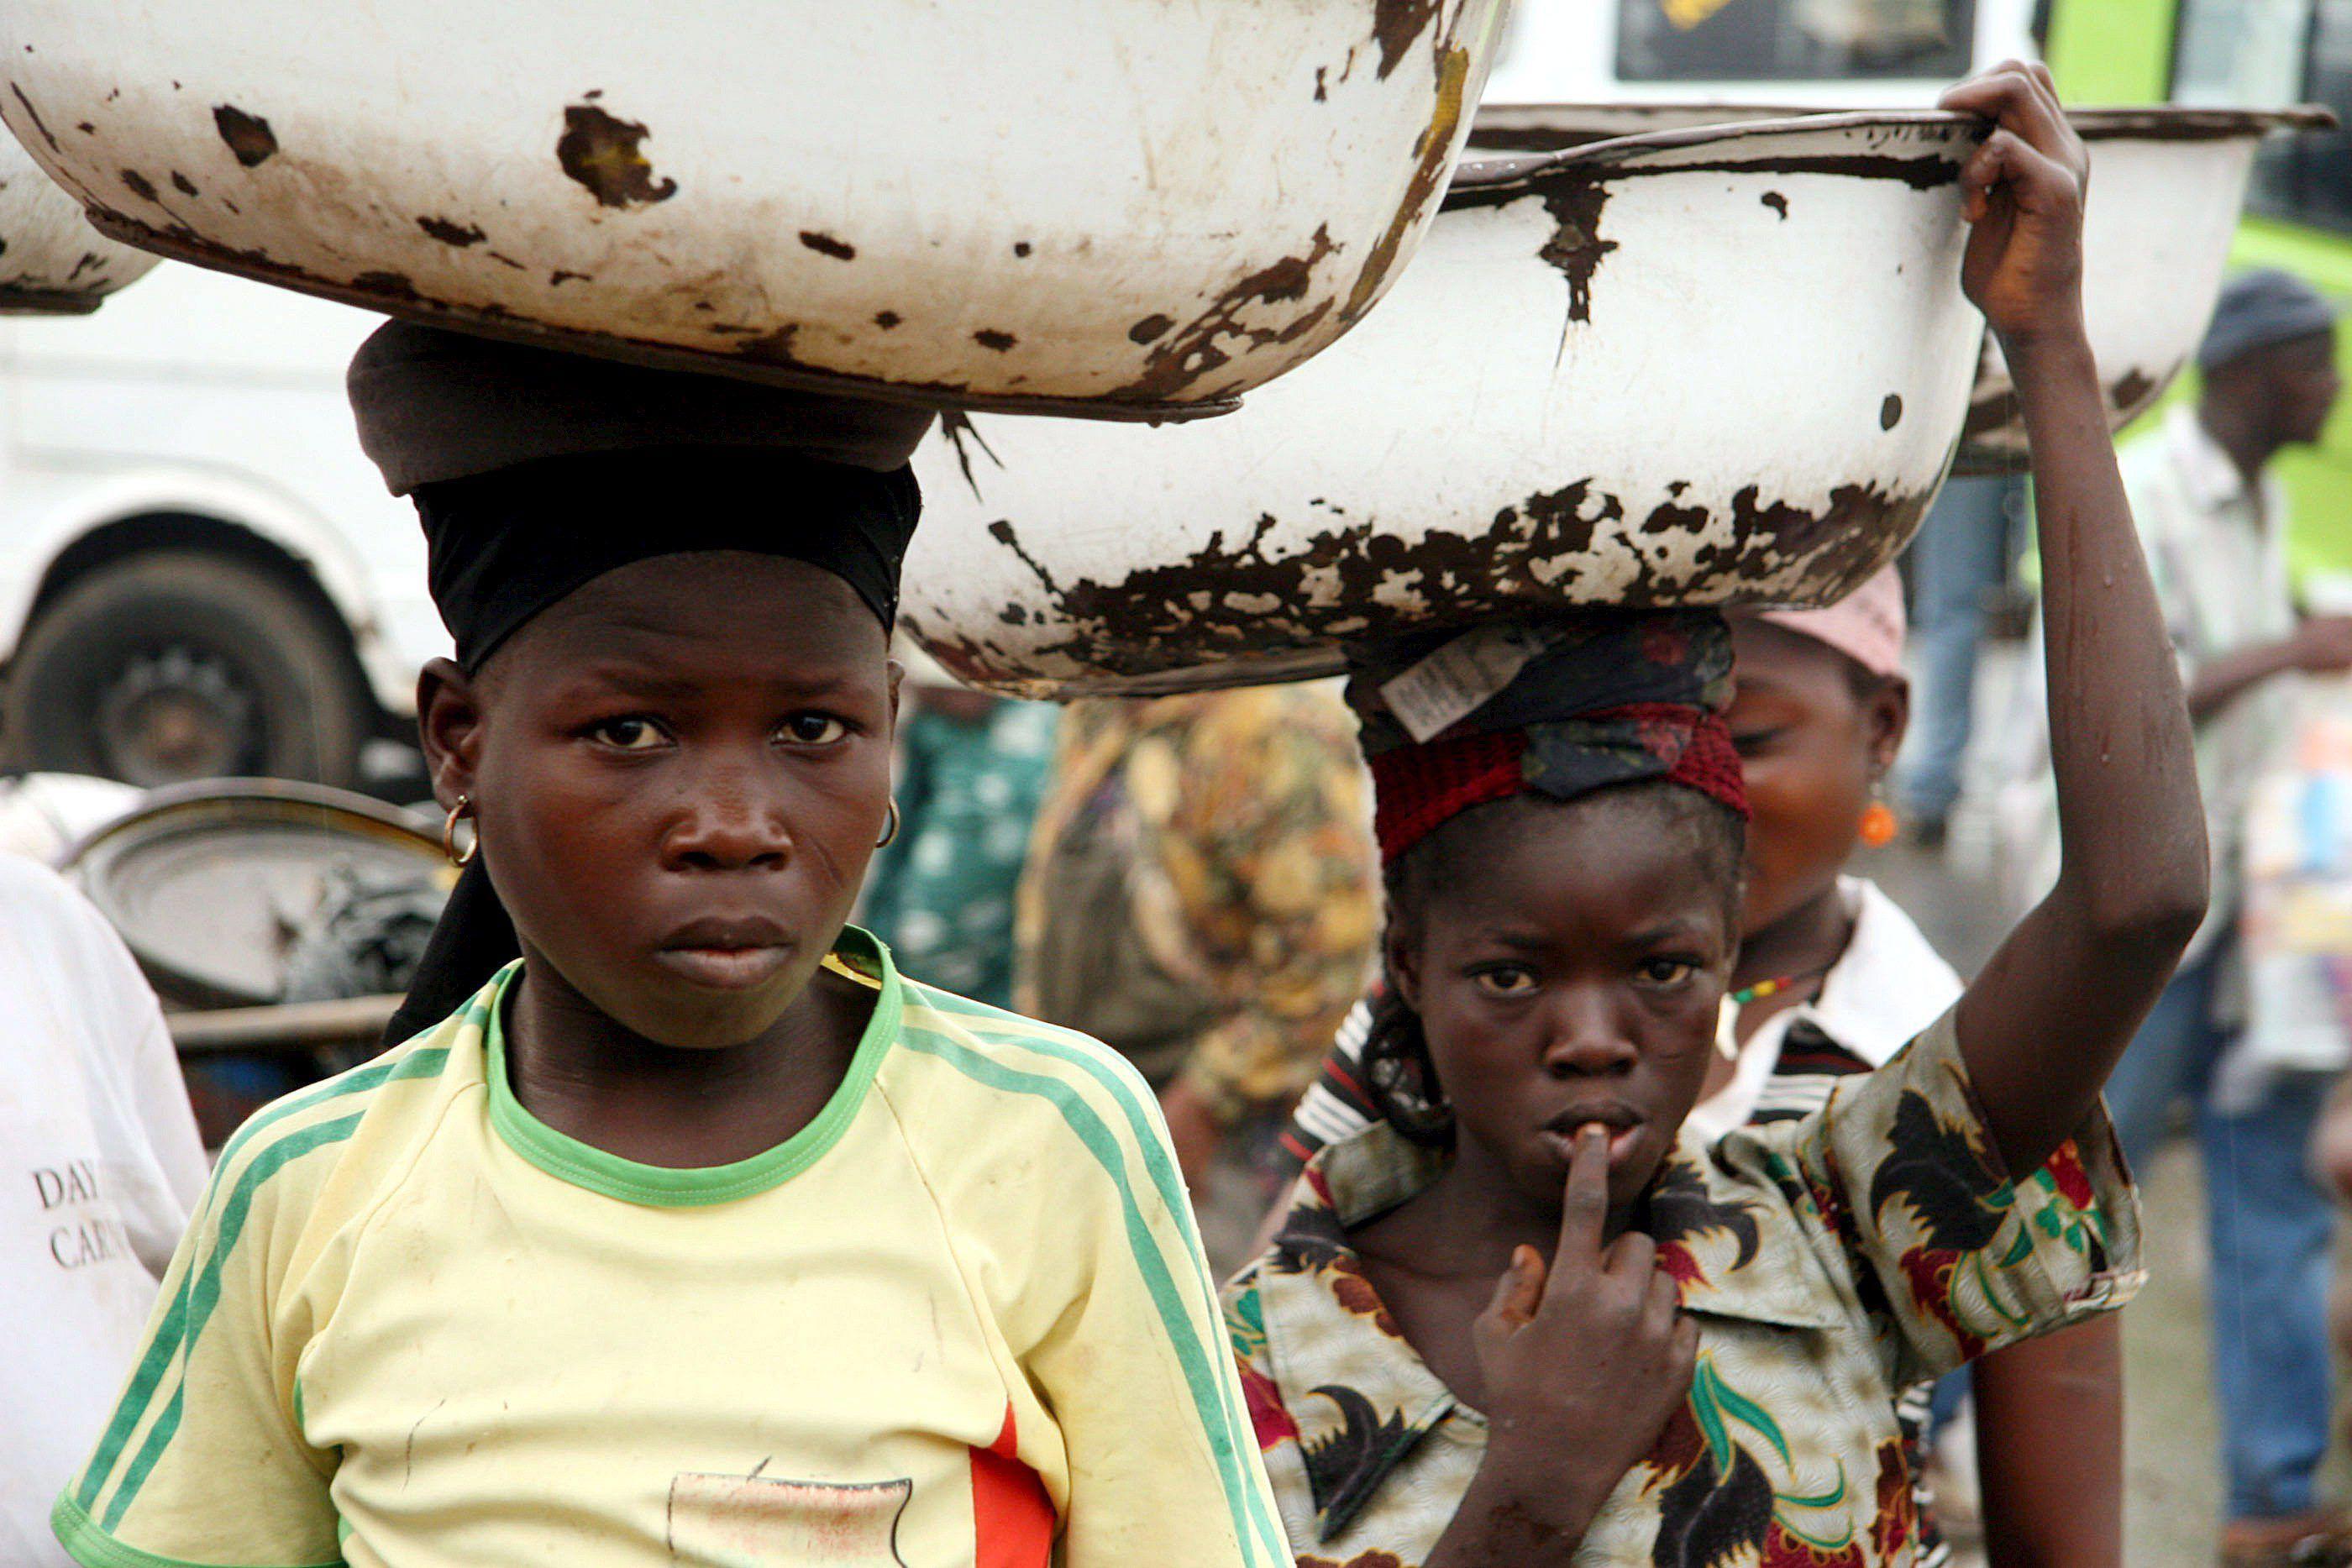 ¿En qué países existe la esclavitud infantil?